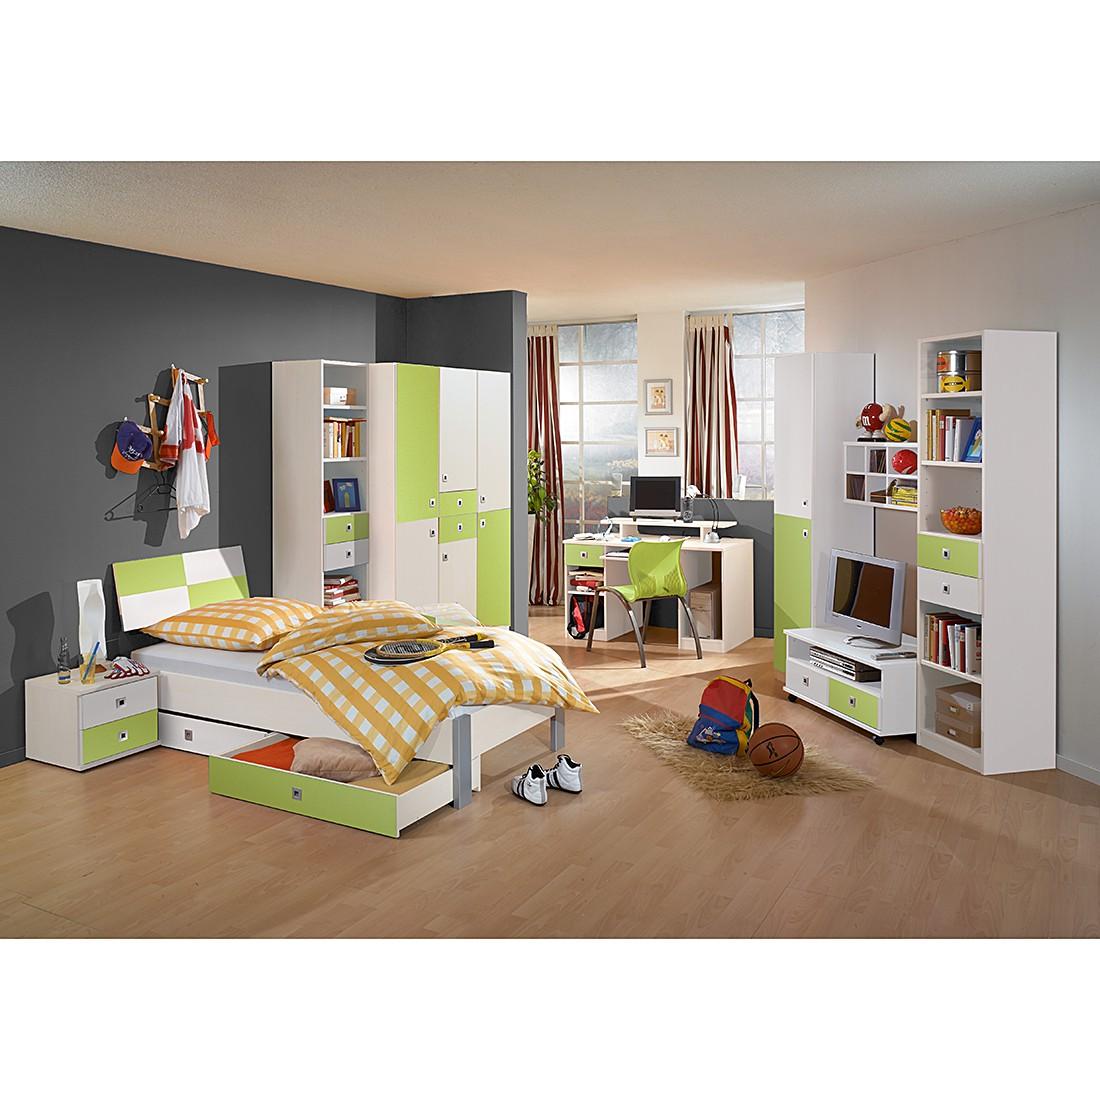 Wimex Babyregal – für ein modernes Kinderzimmer | home24